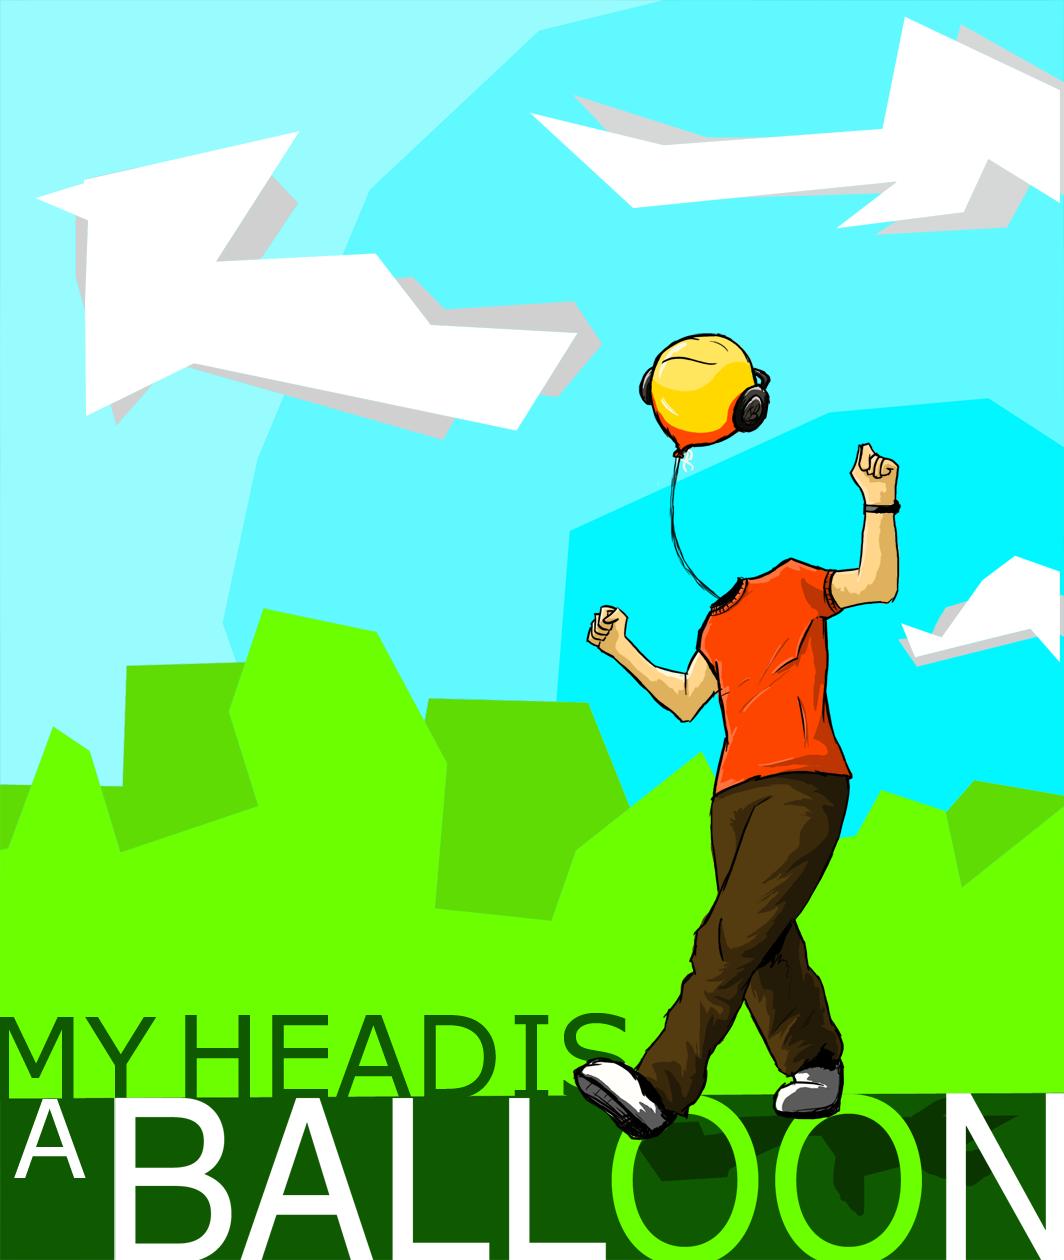 Myheadisaballoon copy